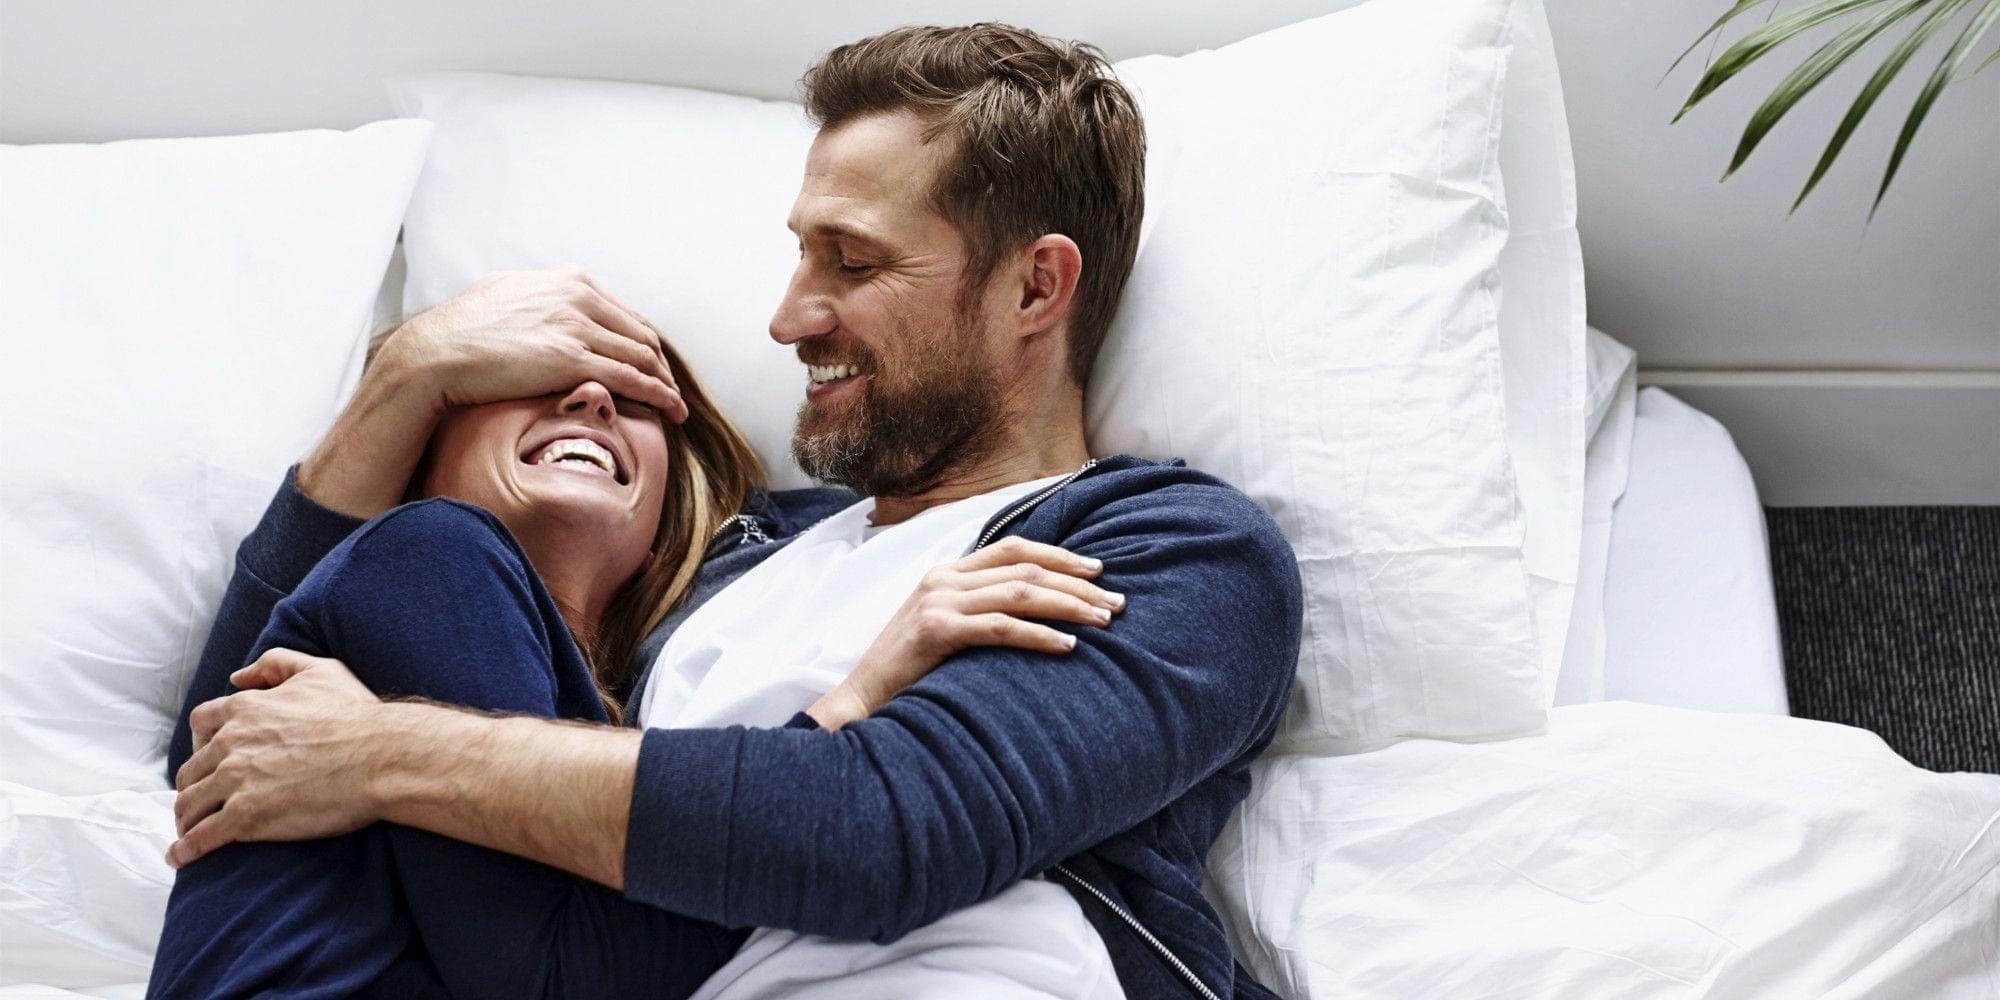 happy-marriage-dubai hypnotherapy